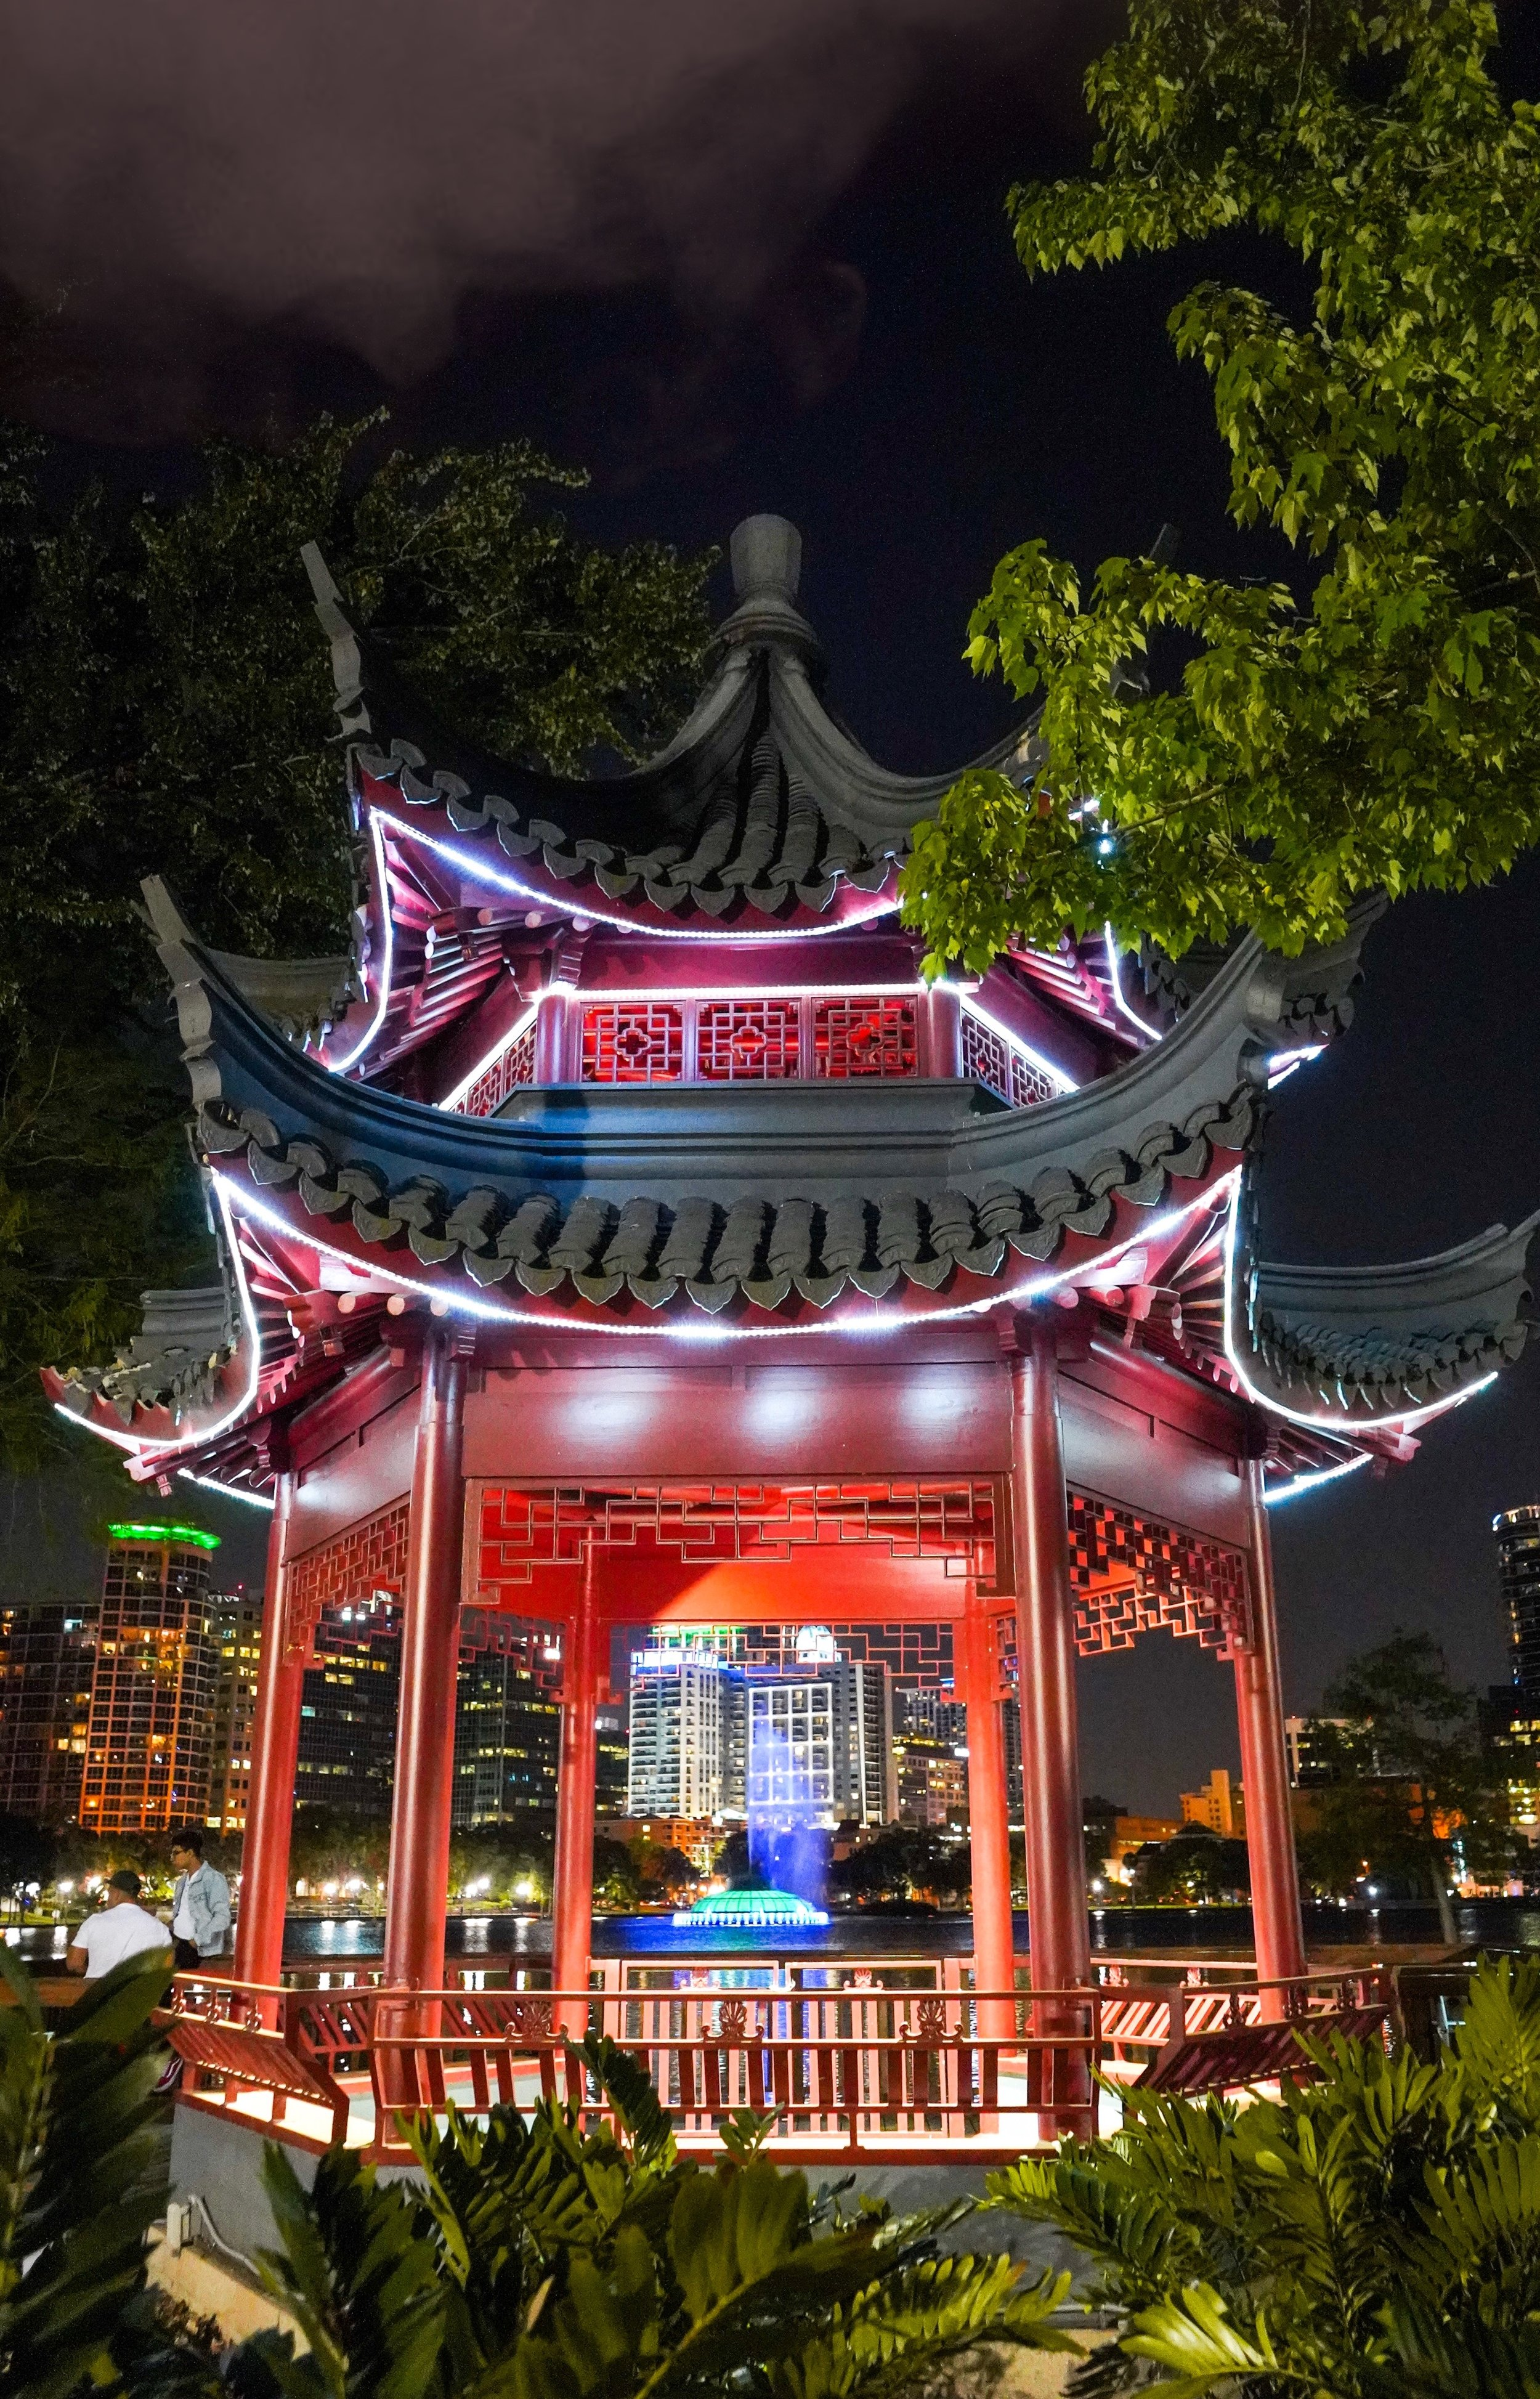 Chinese_Pagoda_Lake-Eola_Orlando-Chris_Kernstock.jpeg